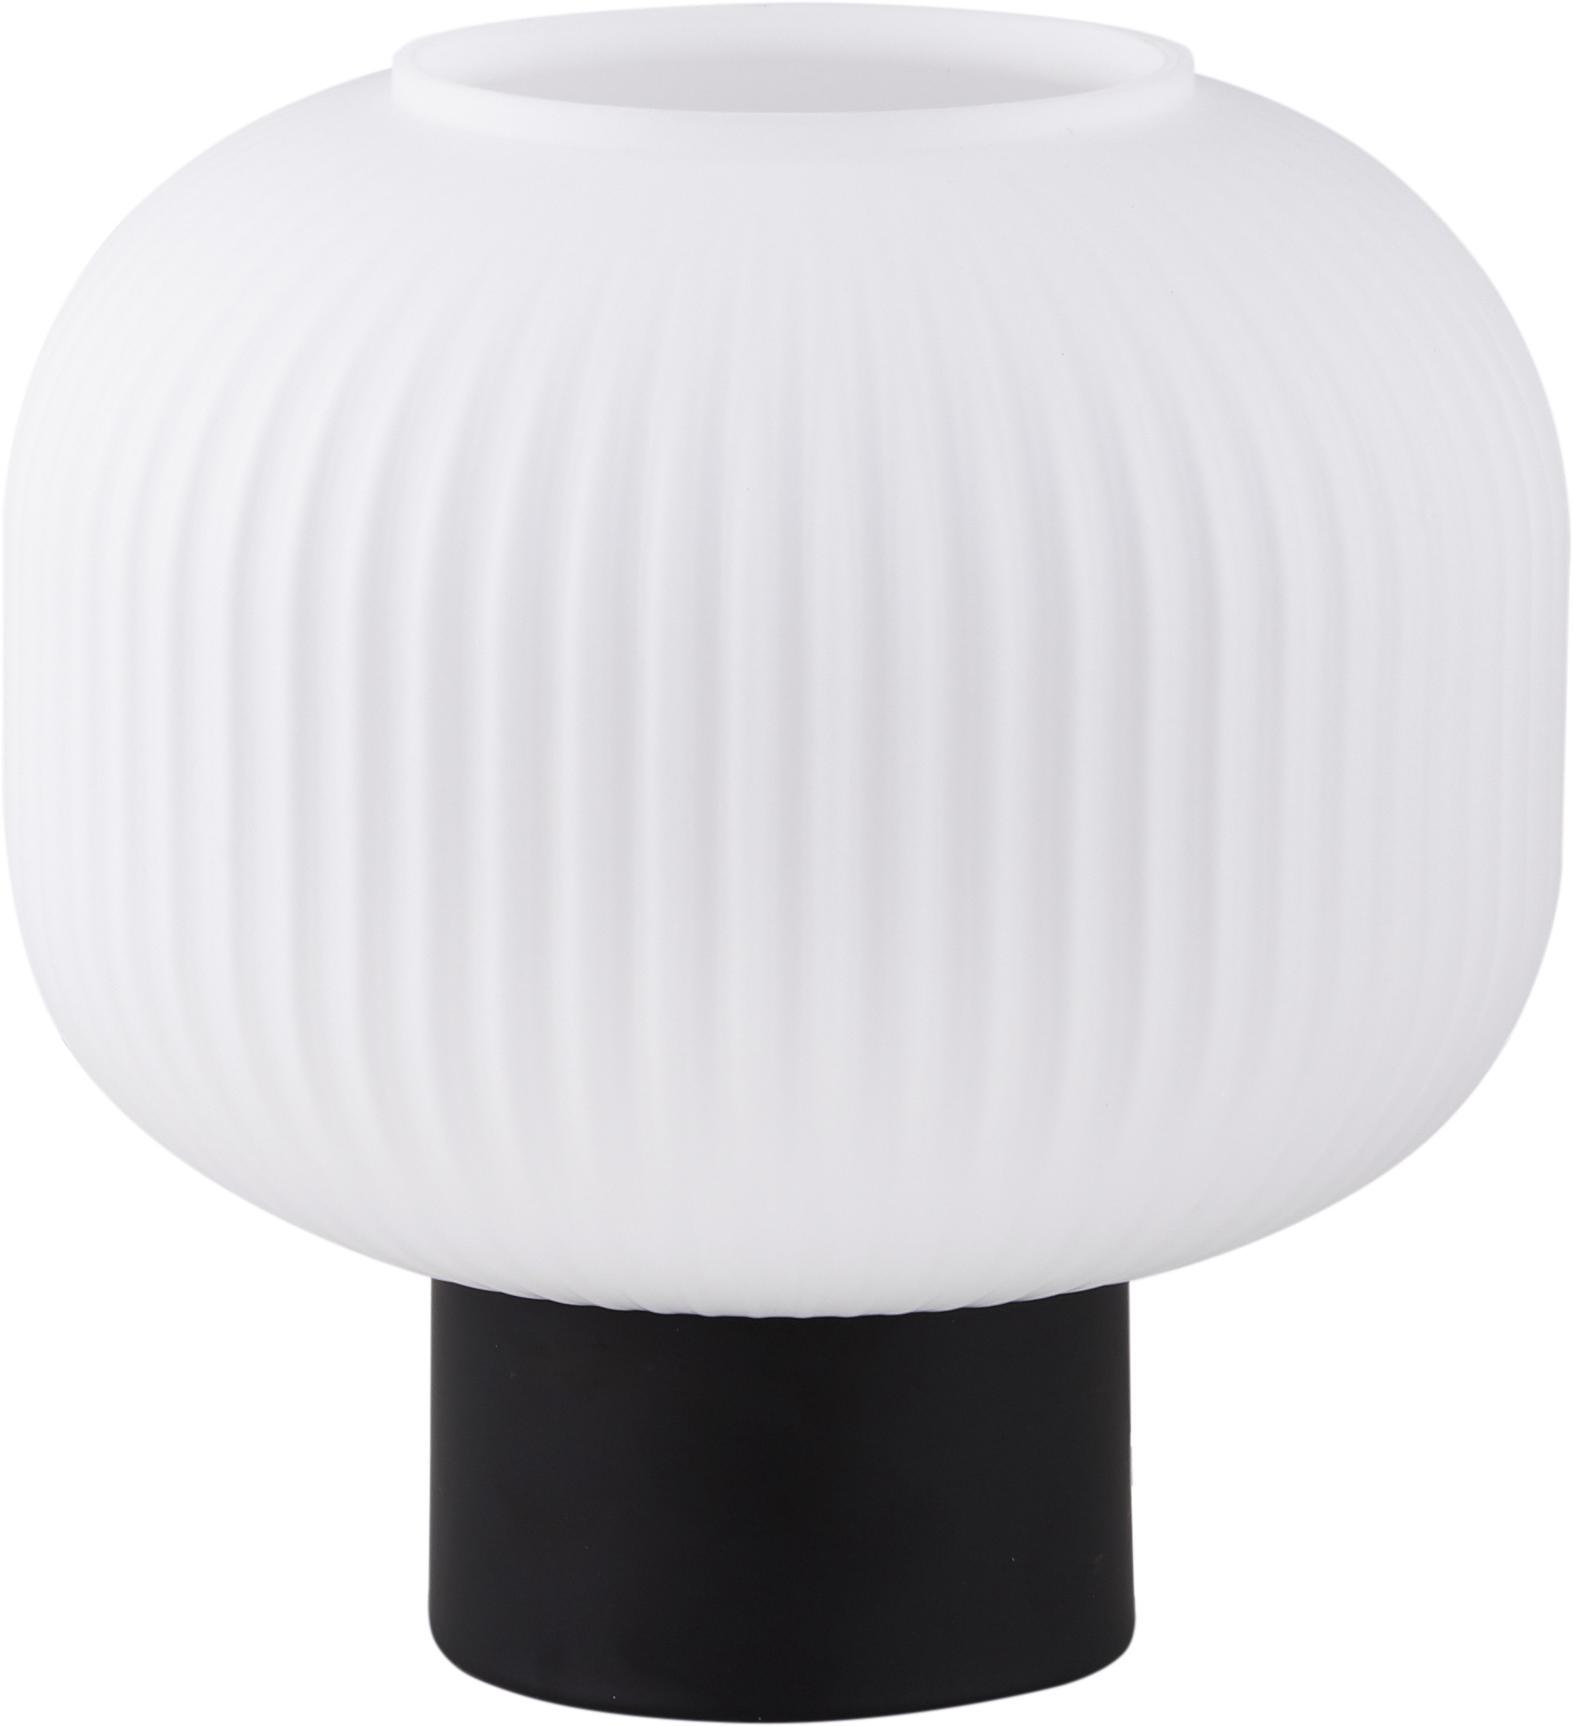 Lampada da tavolo Milford, Paralume: vetro opale, Base della lampada: metallo rivestito, Nero, bianco opalino, Ø 20 x Alt. 20 cm